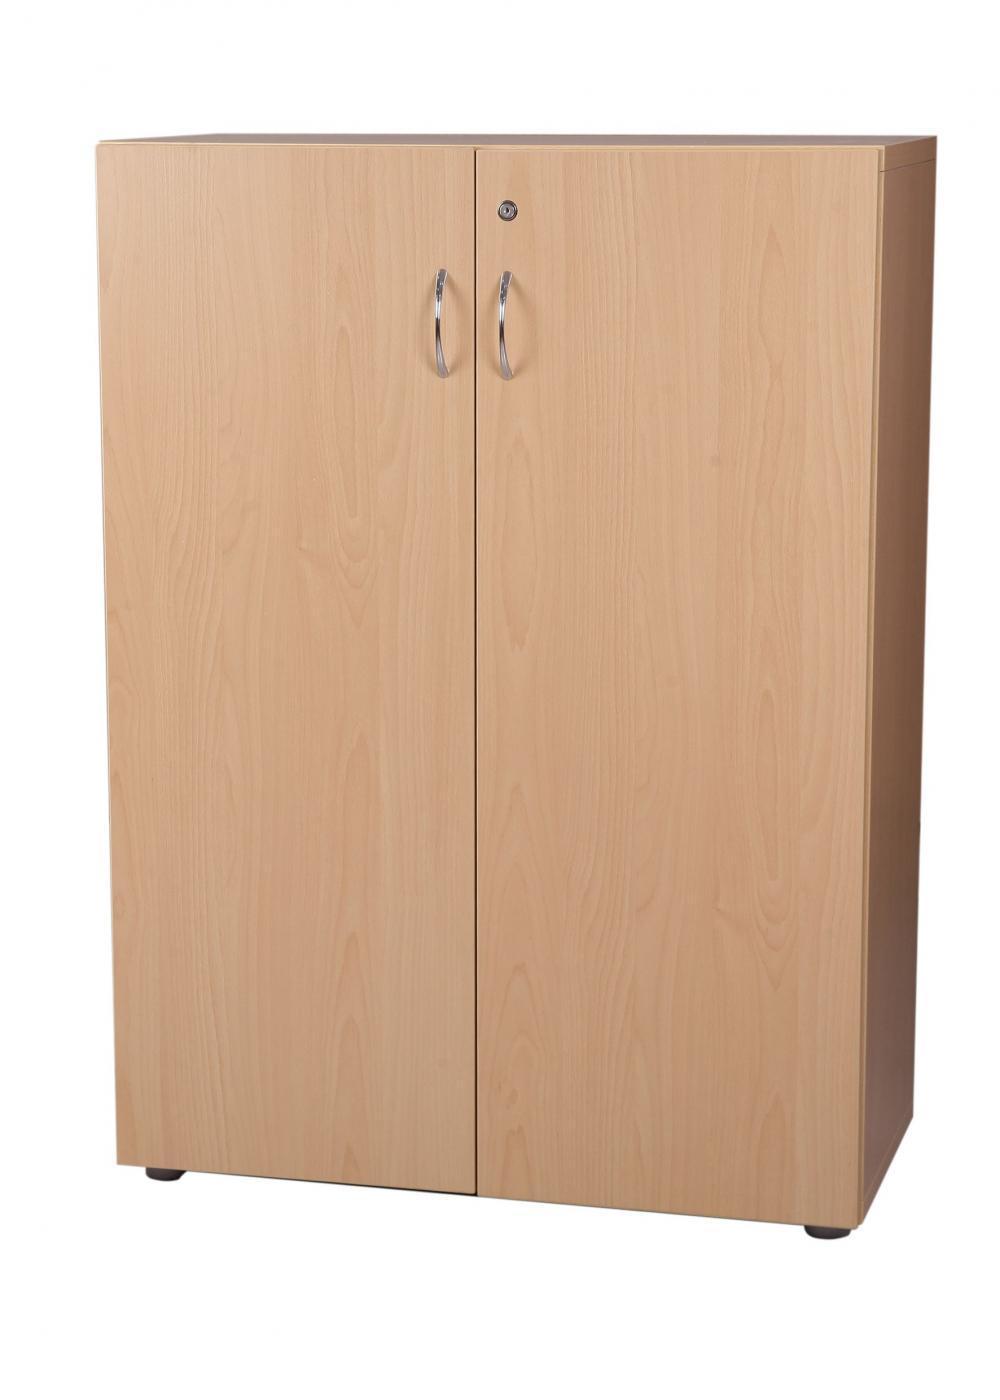 Holz Aktenschrank Sideboard 2 Oh Buche Mit Flugelturen Sofort Und